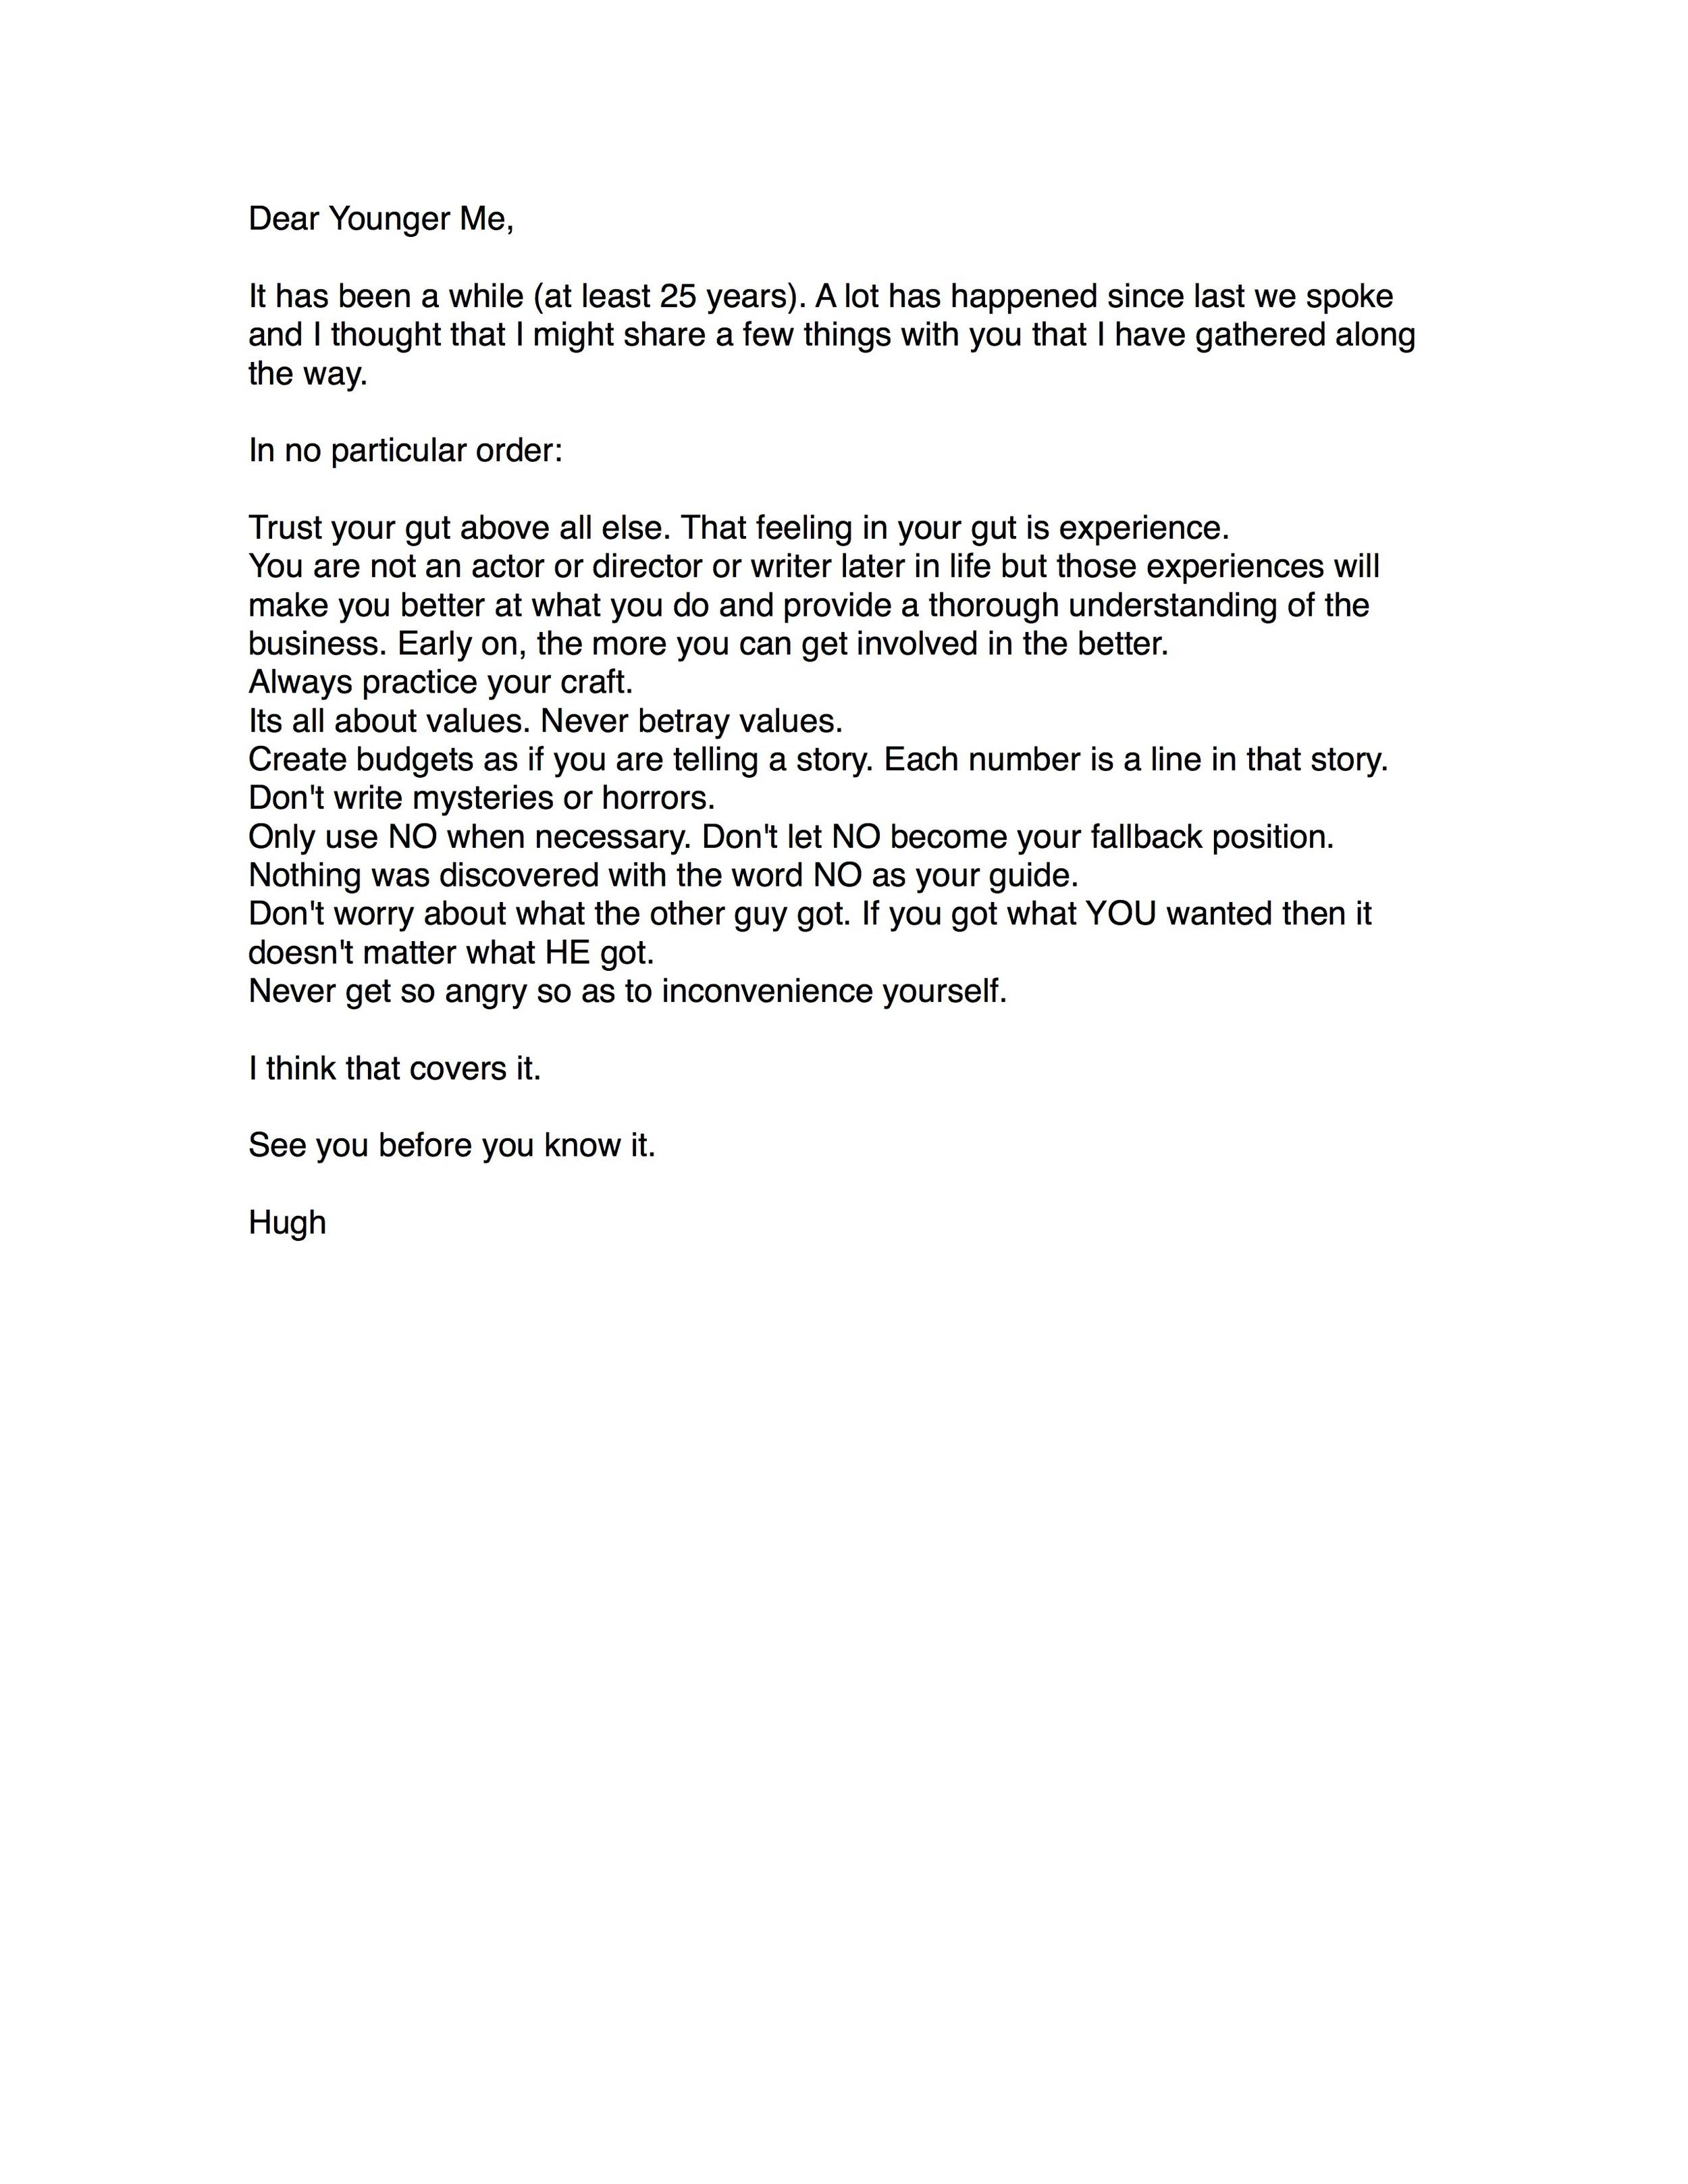 Dear Younger Me - Hugh Neilson.jpg